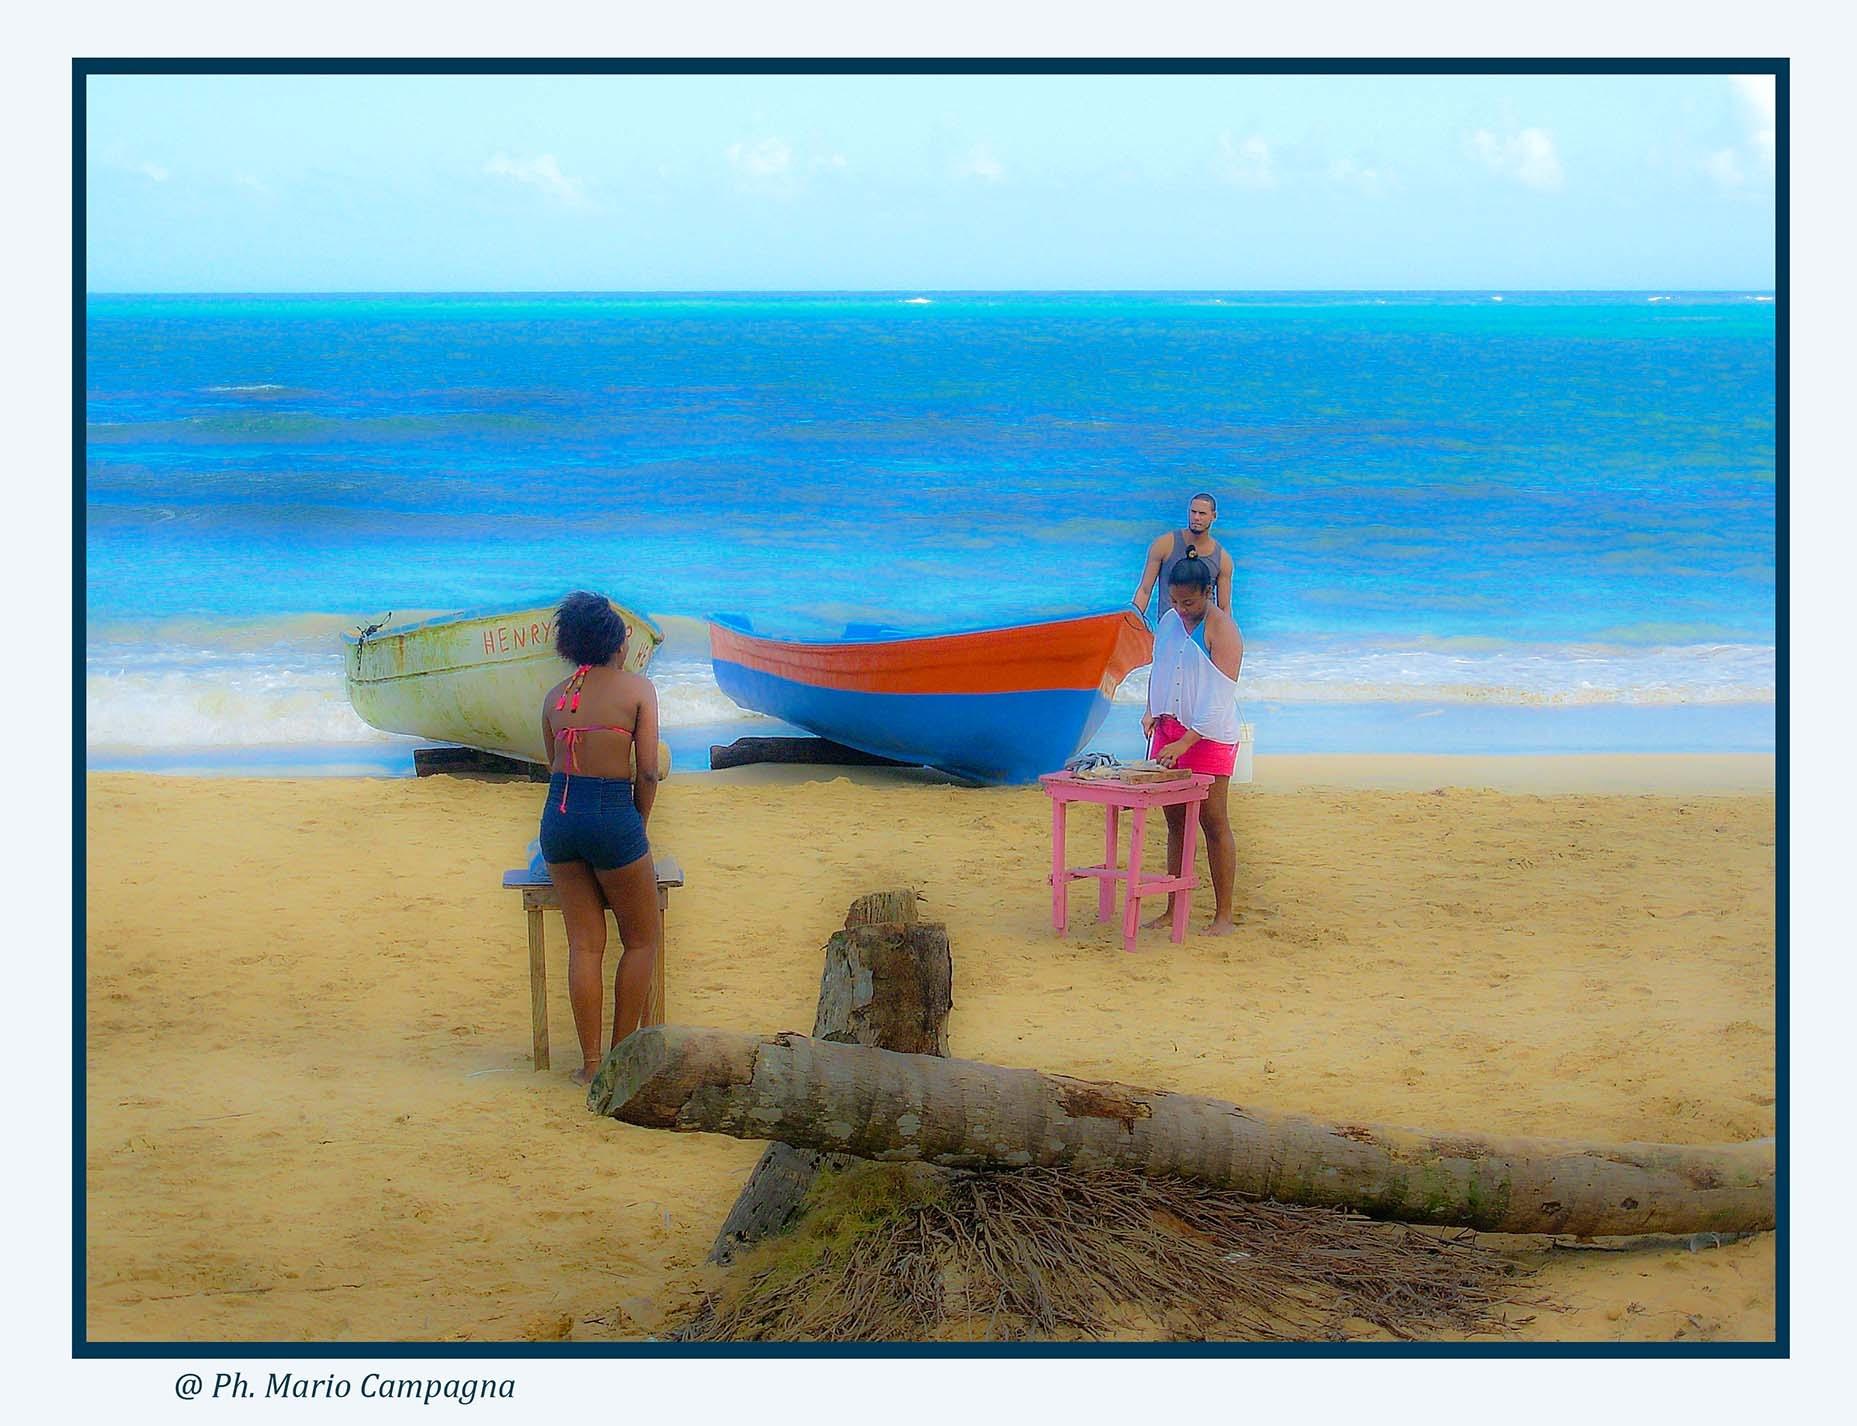 Las Terrenas (Rep. Dominicana) by mario campagna